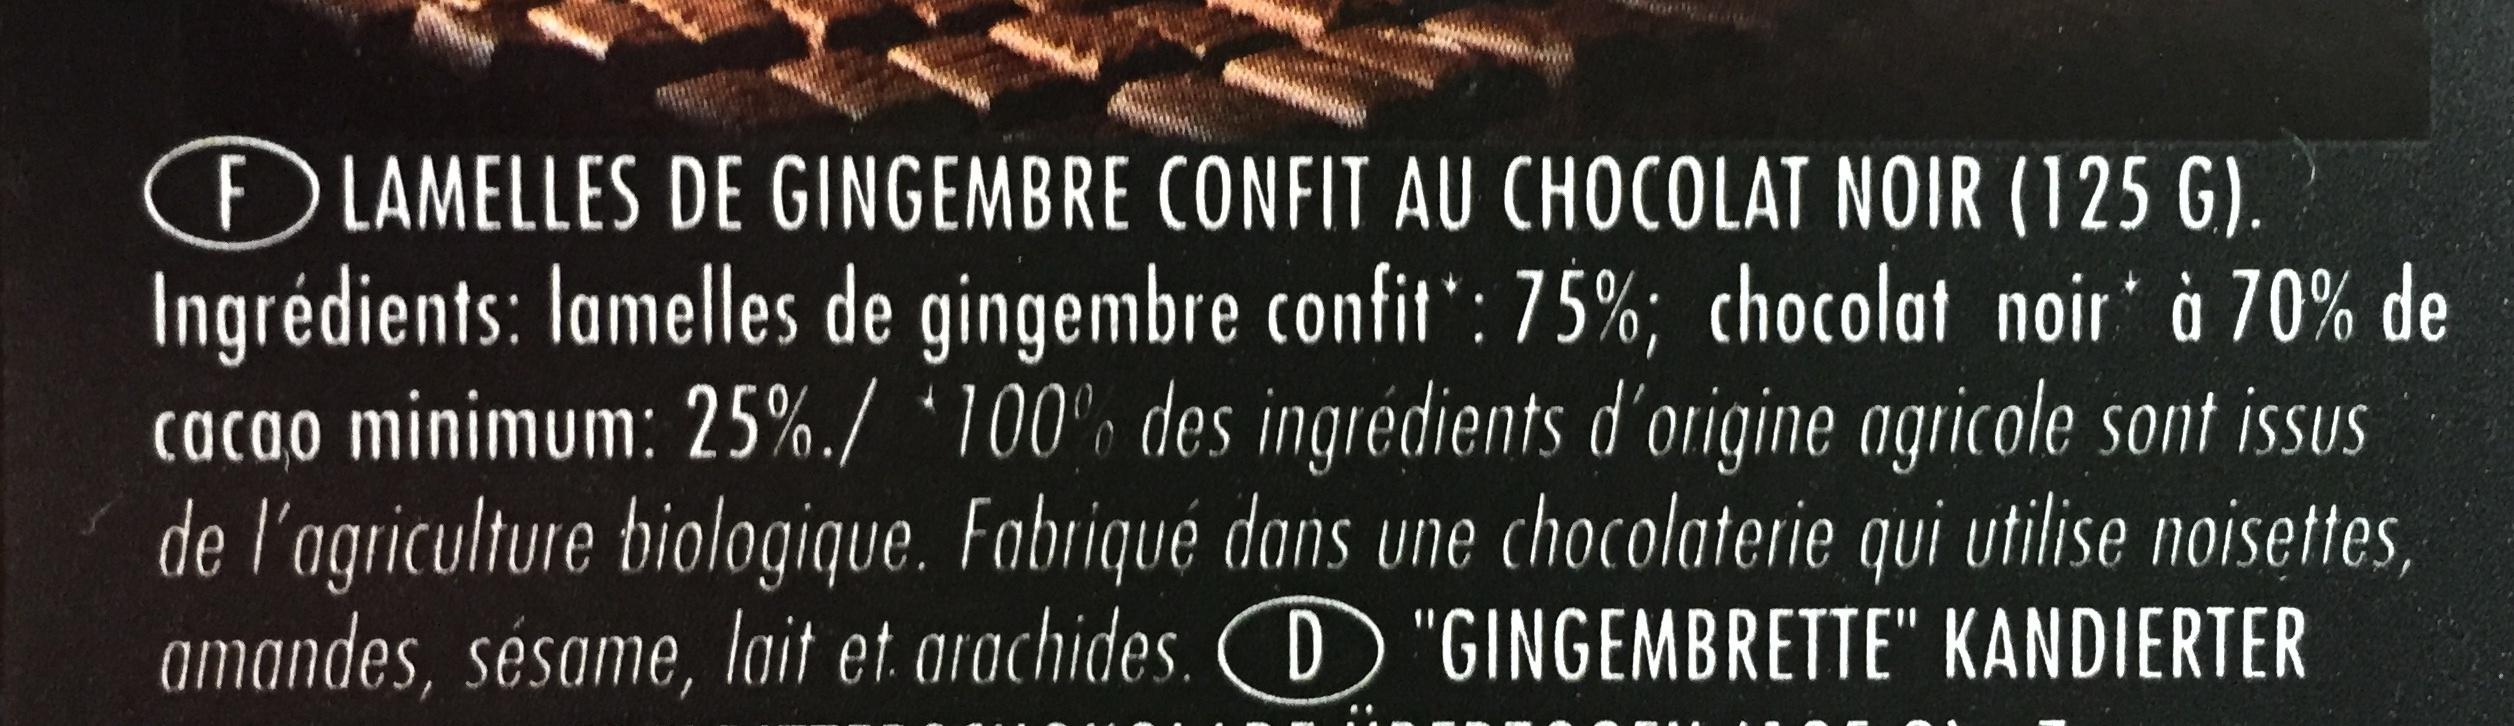 Gingembrettes confites chocolat noir - Ingredients